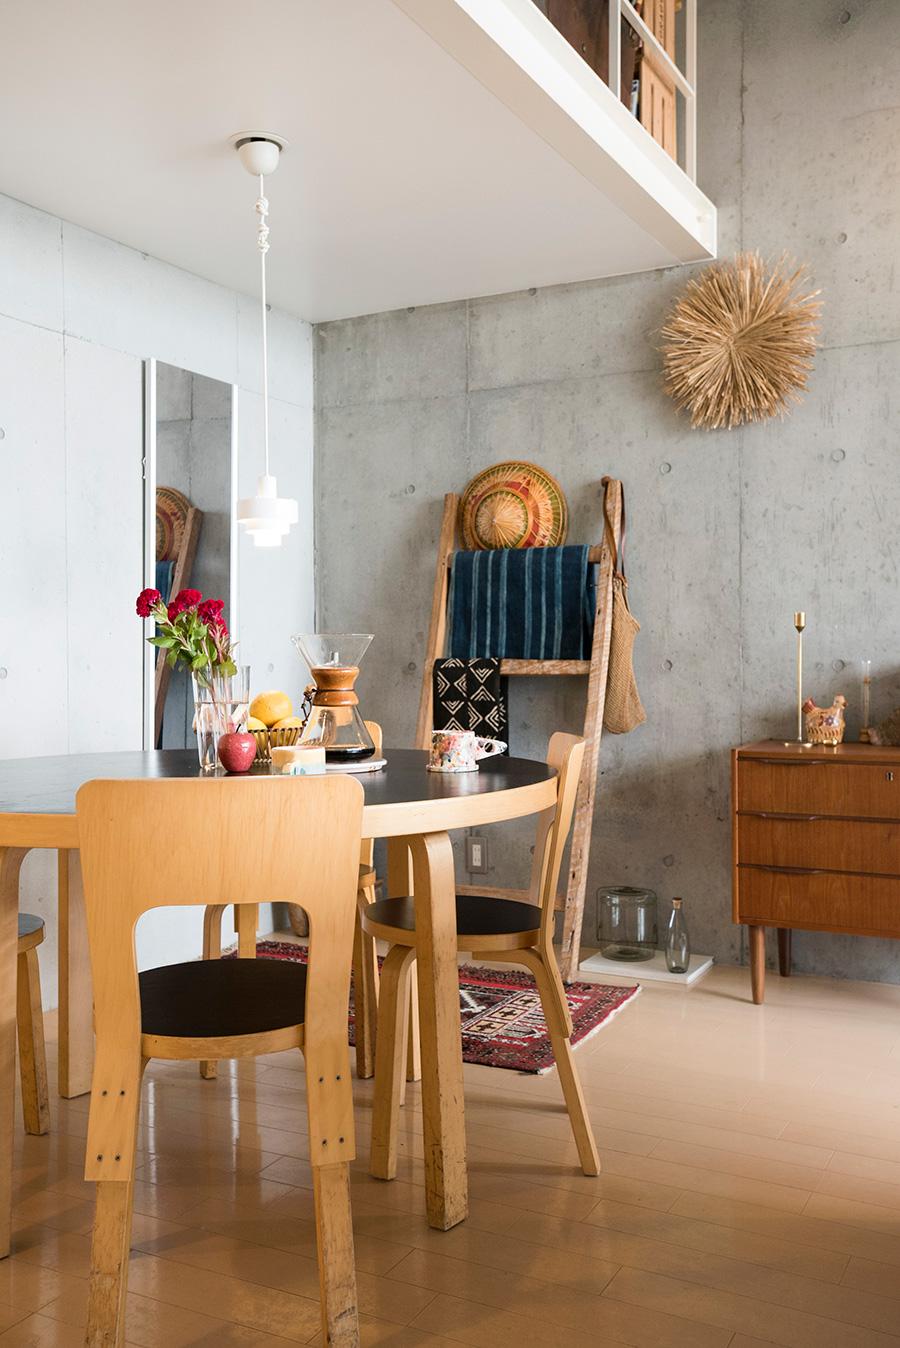 この部屋に入居して最初に購入したアアルトの円形テーブルとチェア。天板、座面の黒が空間を引き締める。